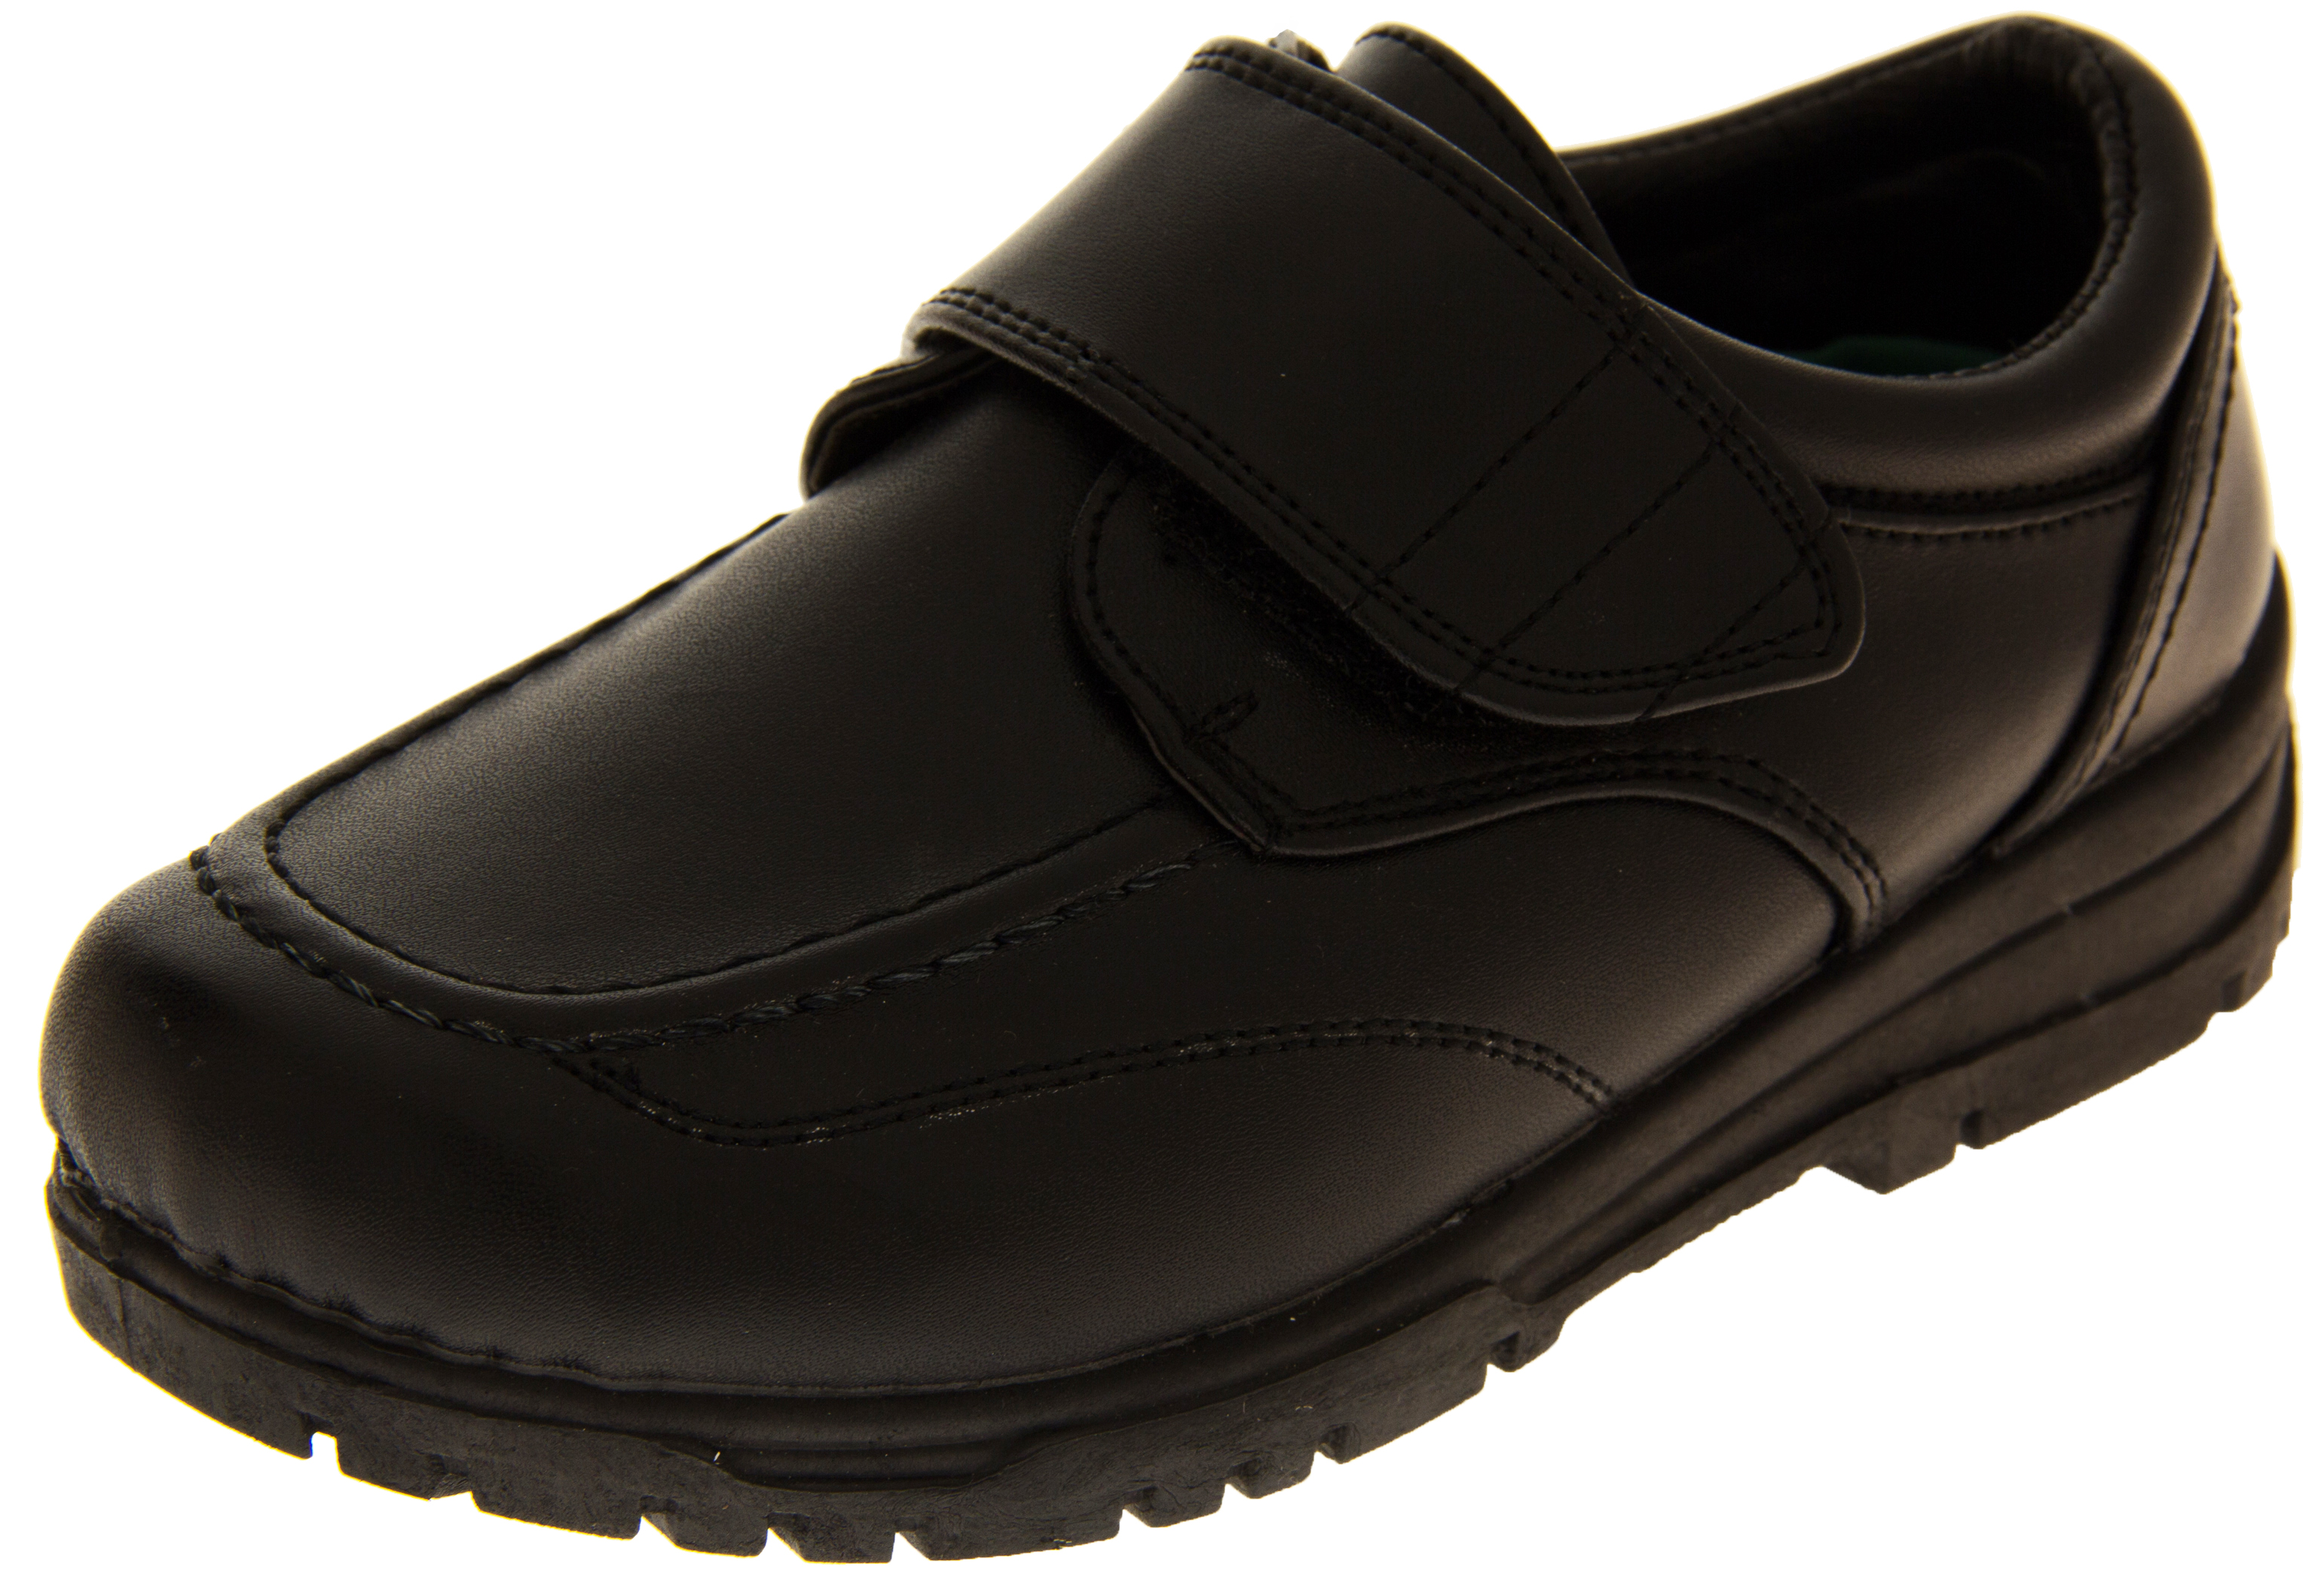 Kids' Clothing, Shoes & Accs Boys' Shoes Boys Unworn Black School Shoes Infant Size 10